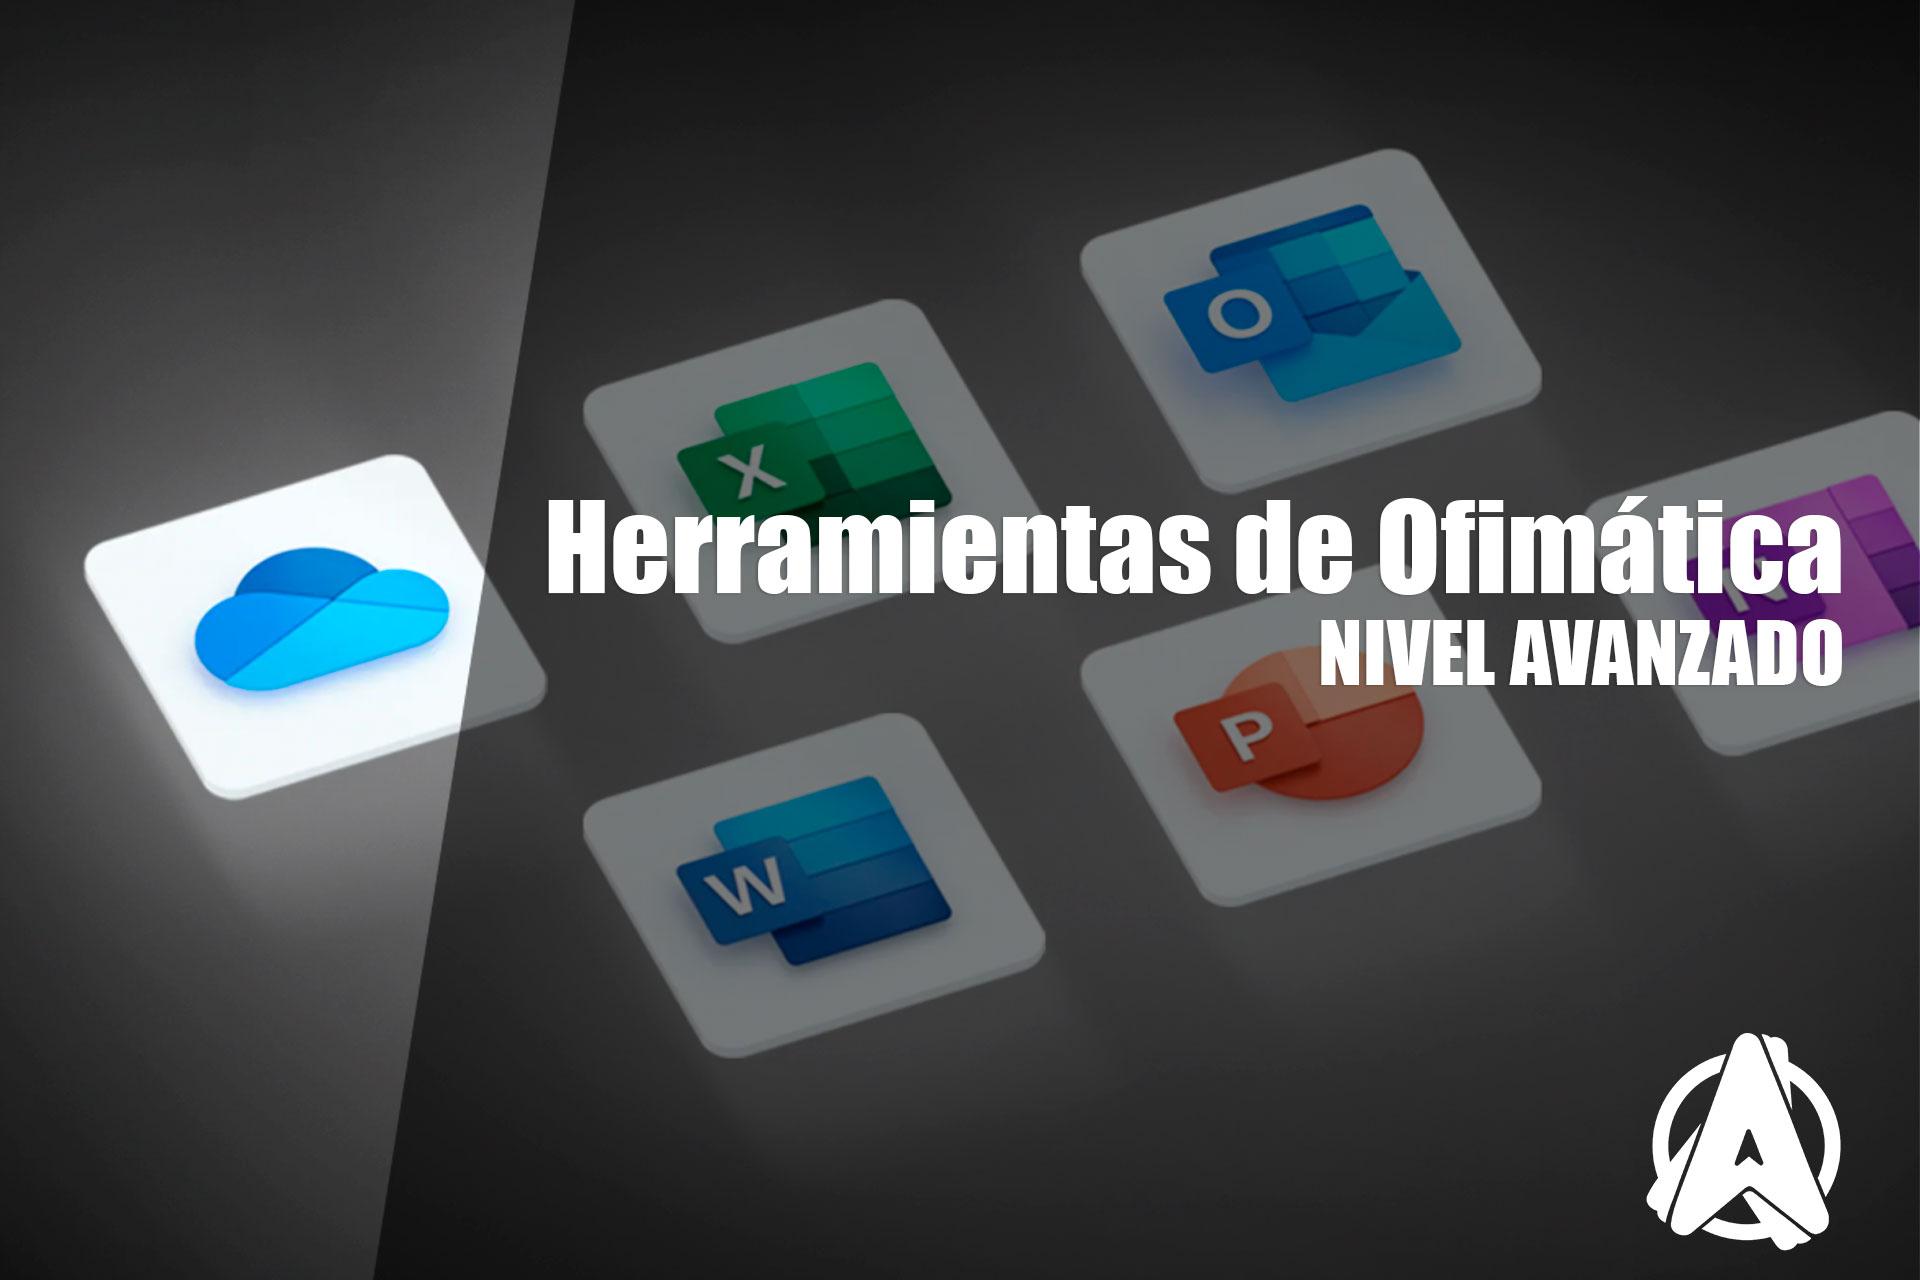 Herramientas de Ofimática - Nivel Avanzado